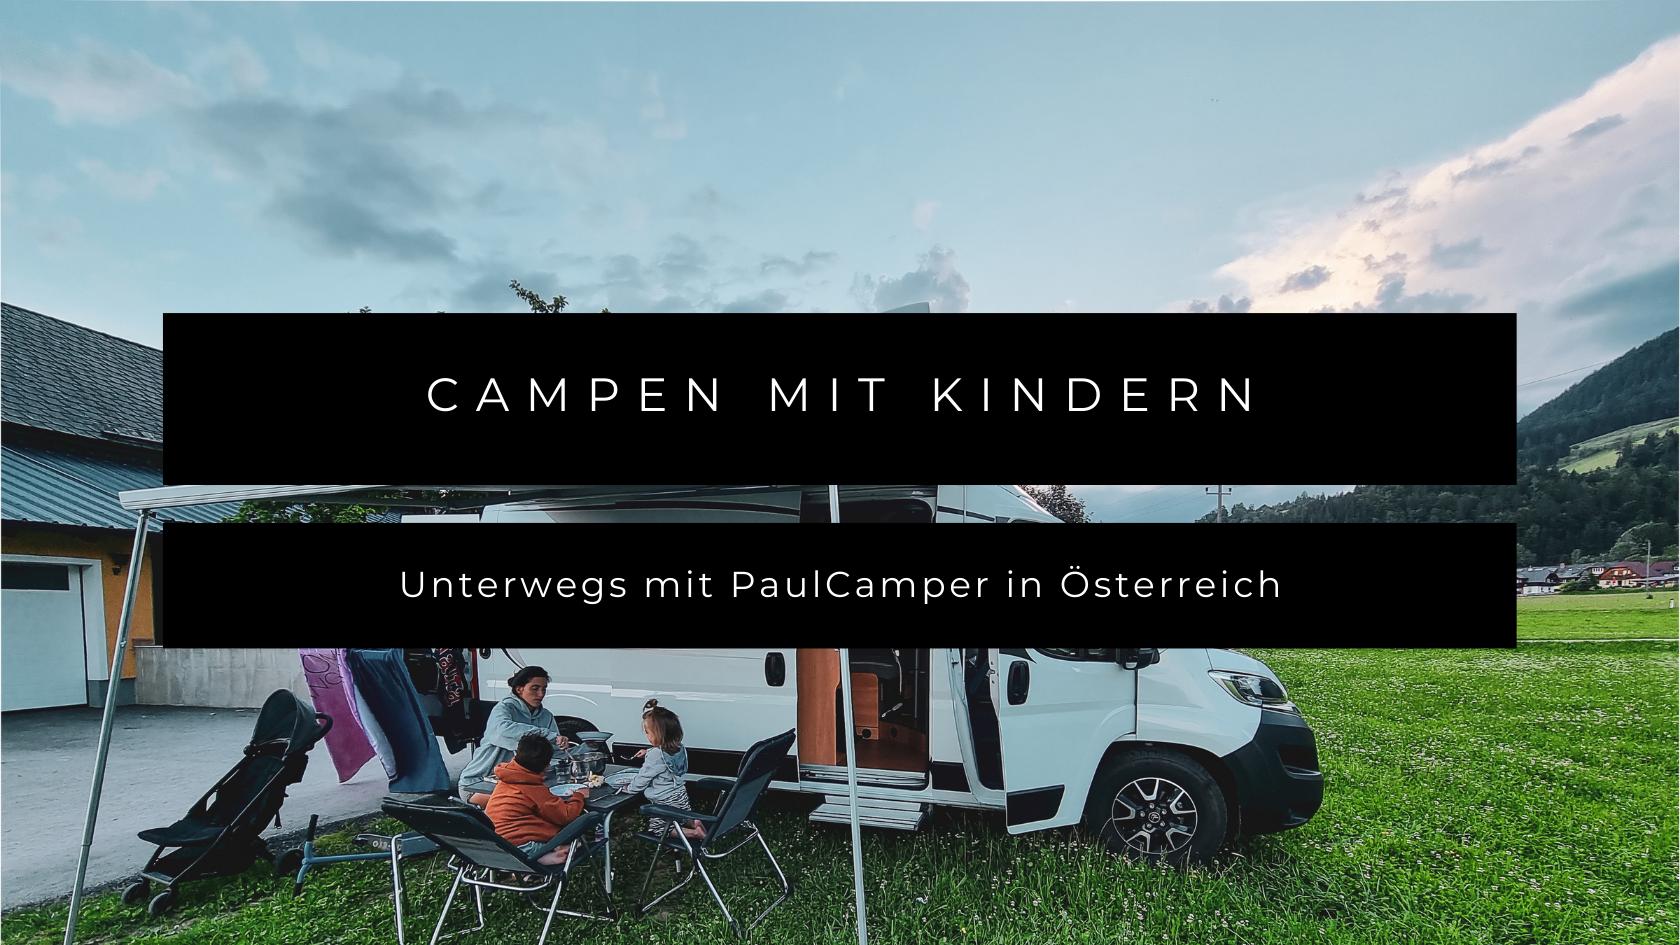 Campen mit Kindern - Unterwegs mit PaulCamper in Österreich